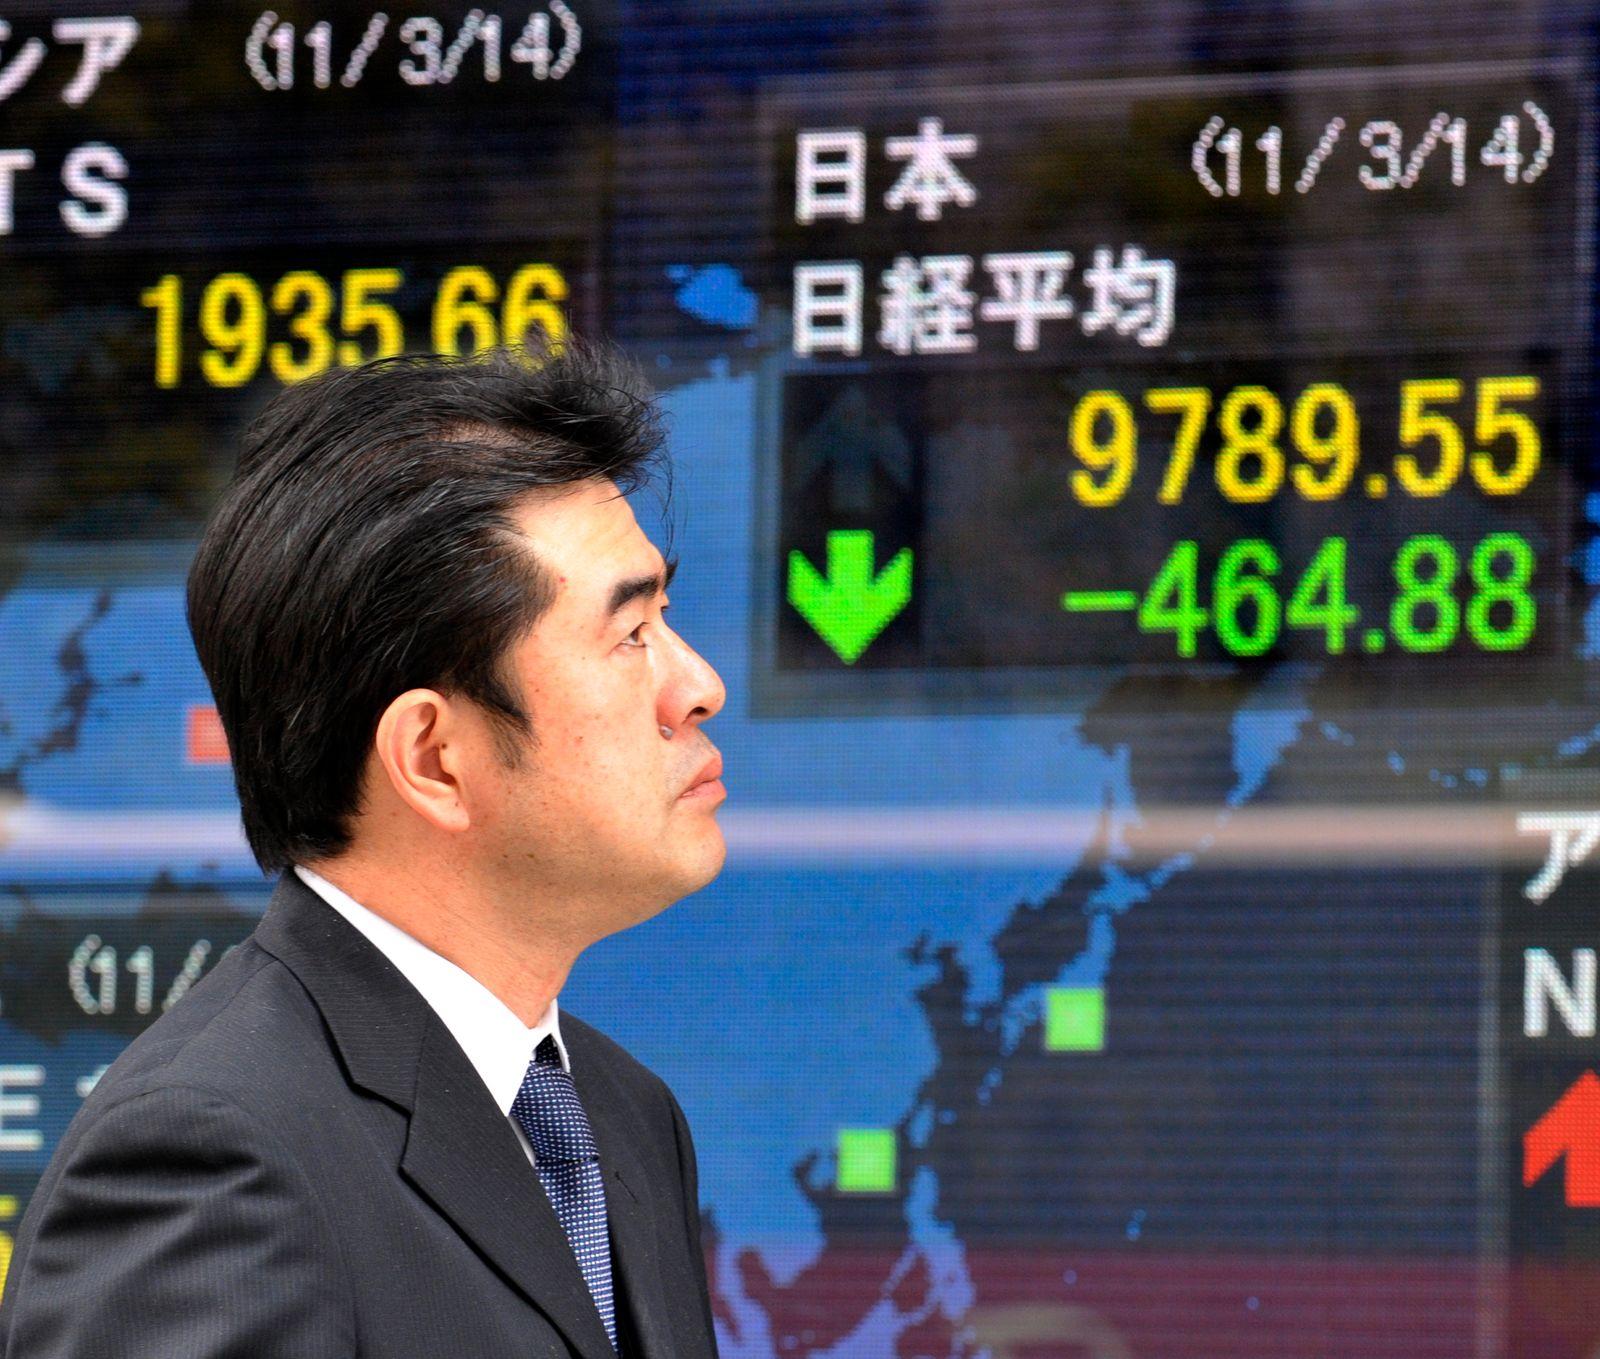 Tokio / Börsenchart / Börse / Kurstafel